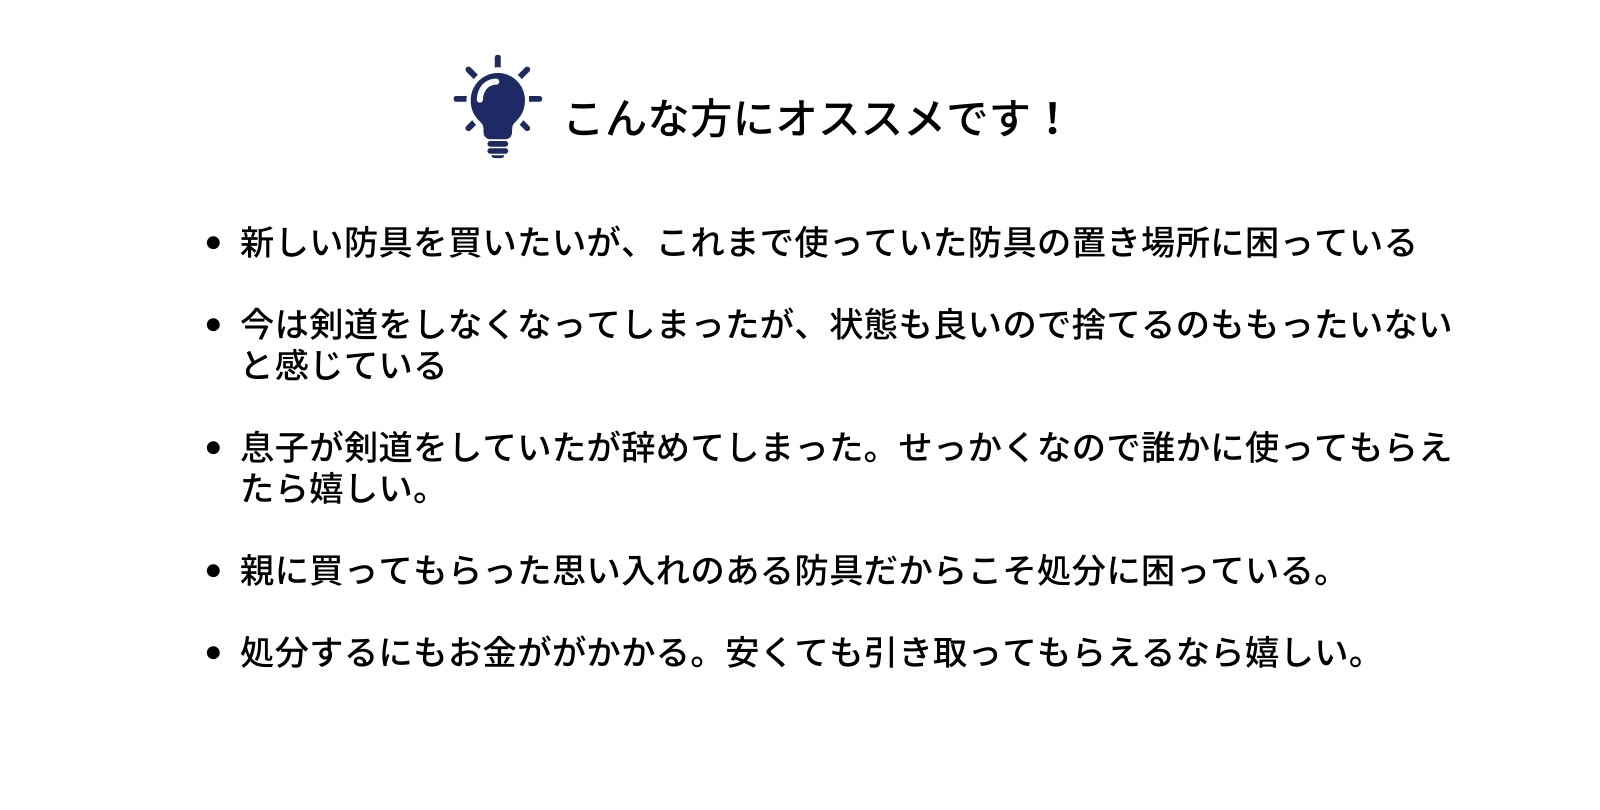 中古剣道防具買取りサービス